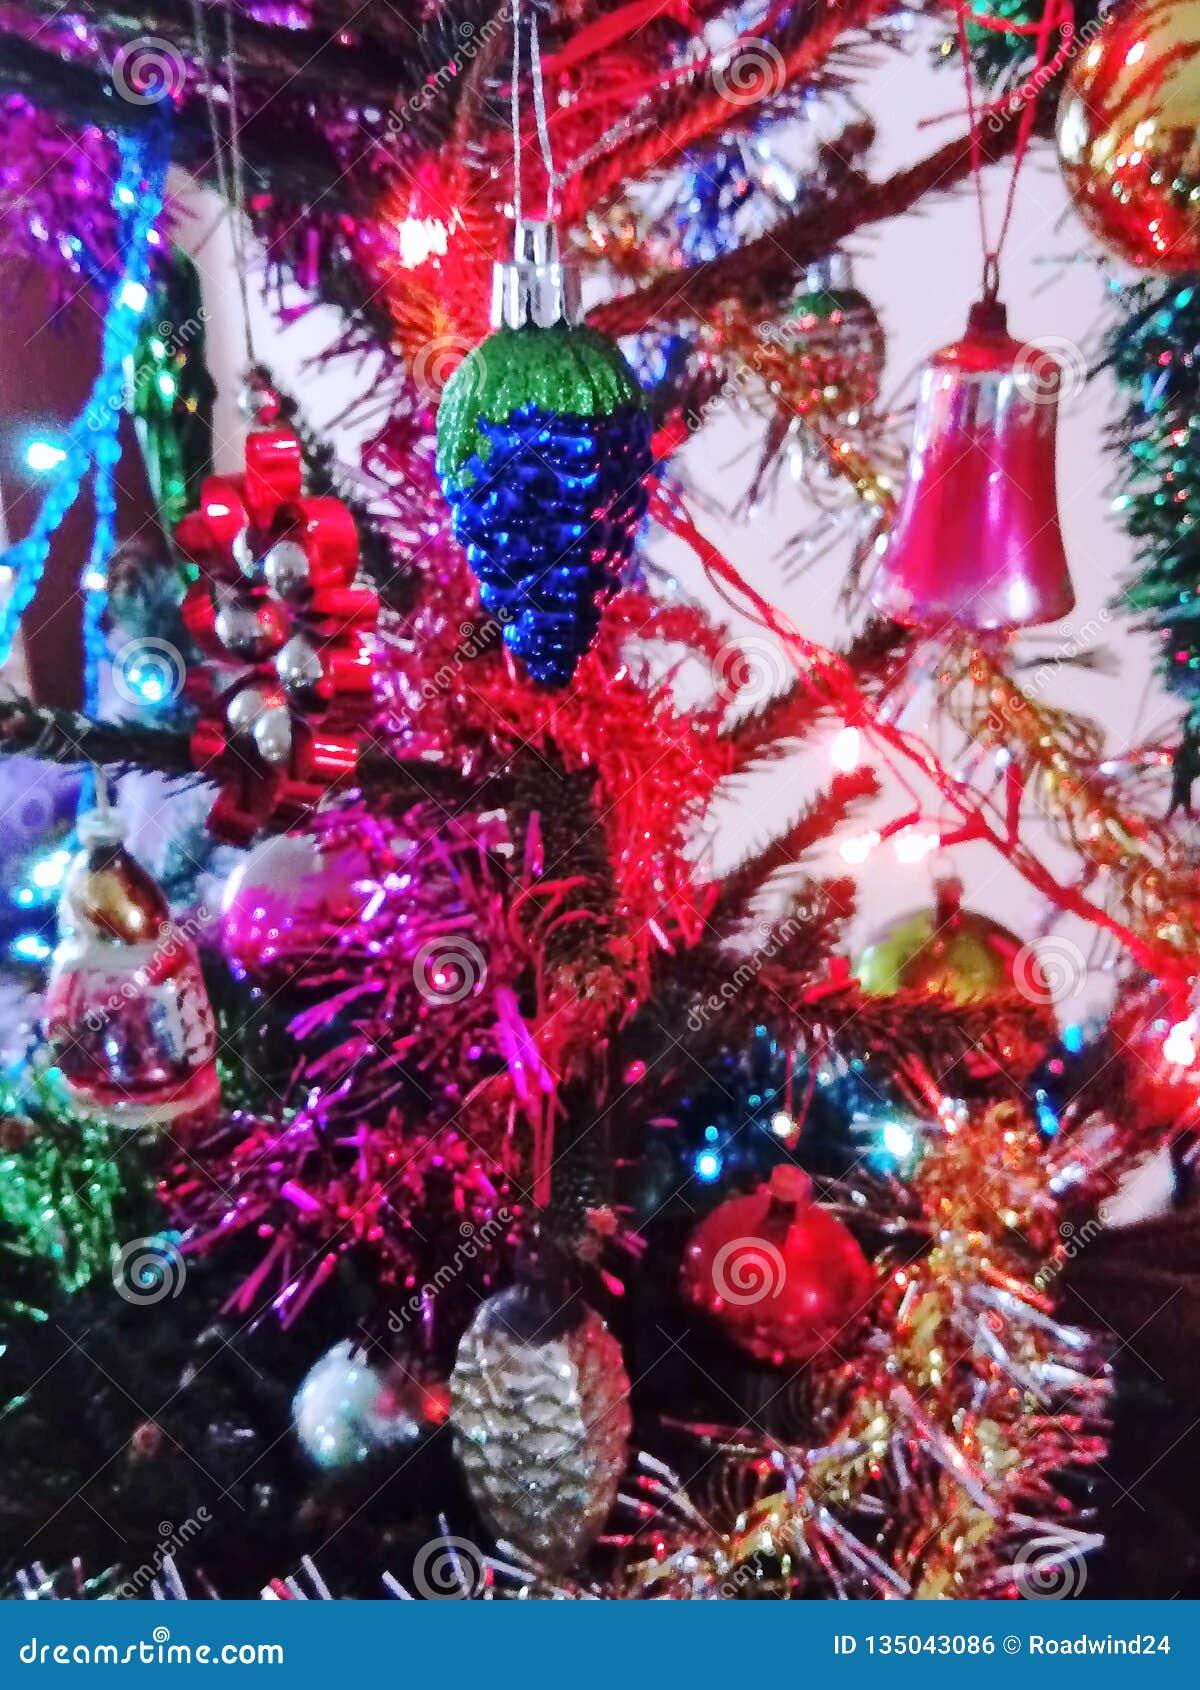 Vária decoração do Natal na árvore de abeto